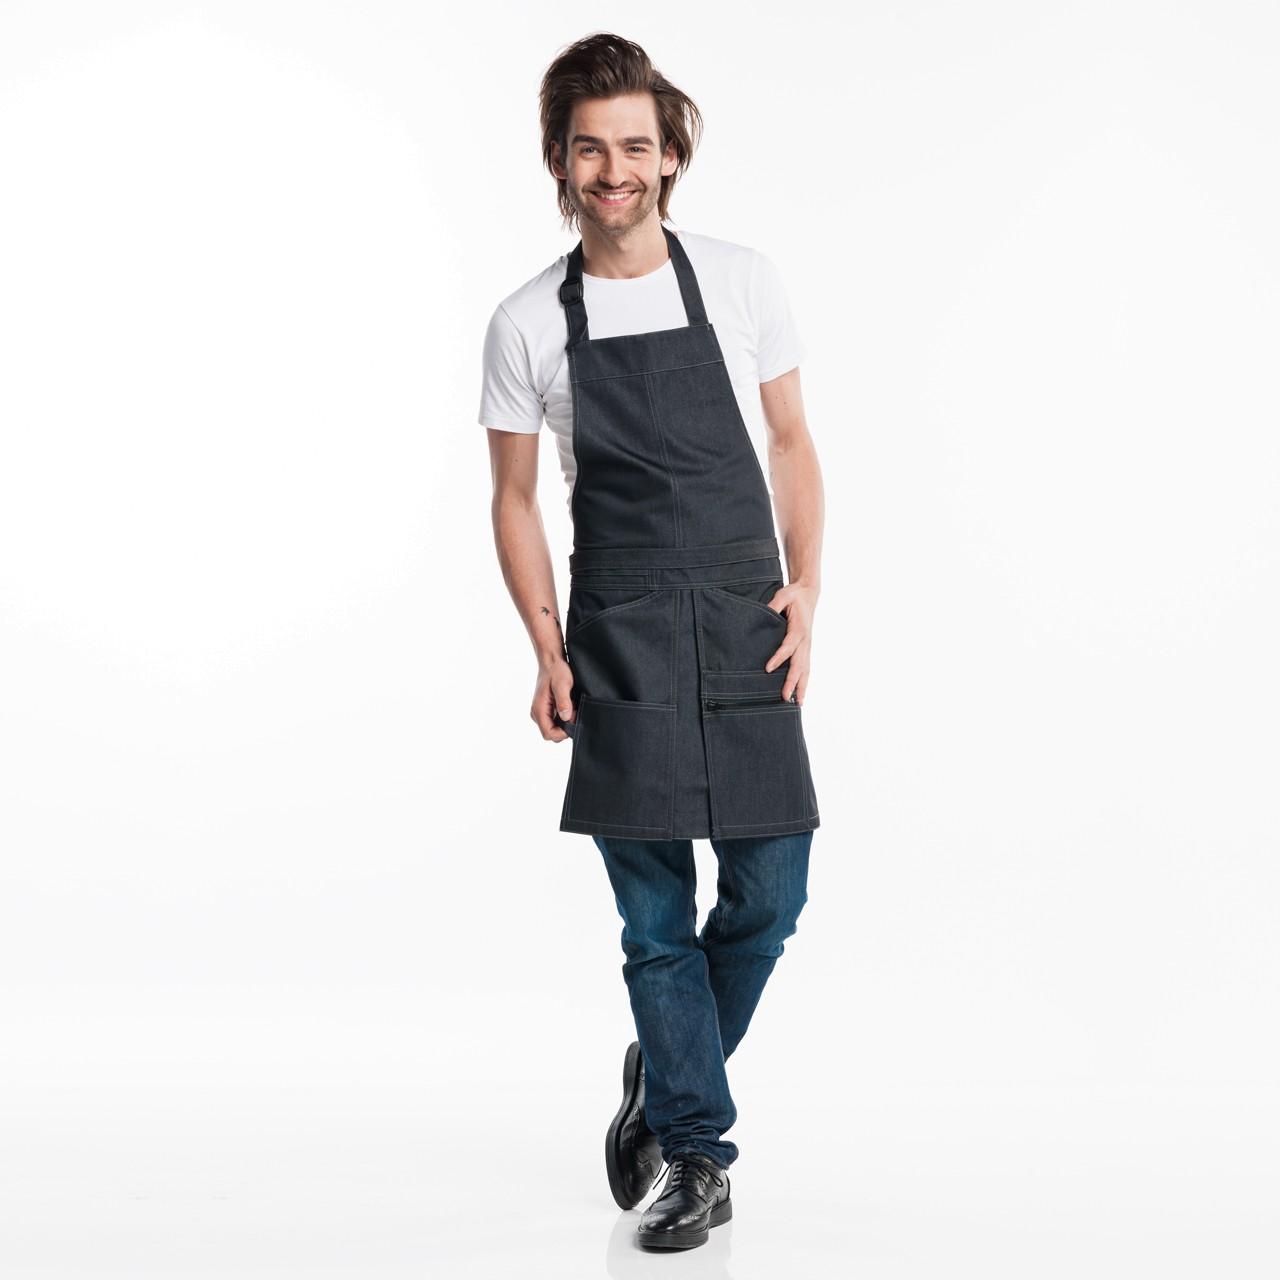 Jeans Latzschürze Bib Chap Chaud Devant® | bedrucken, besticken, bedrucken lassen, besticken lassen, mit Logo |